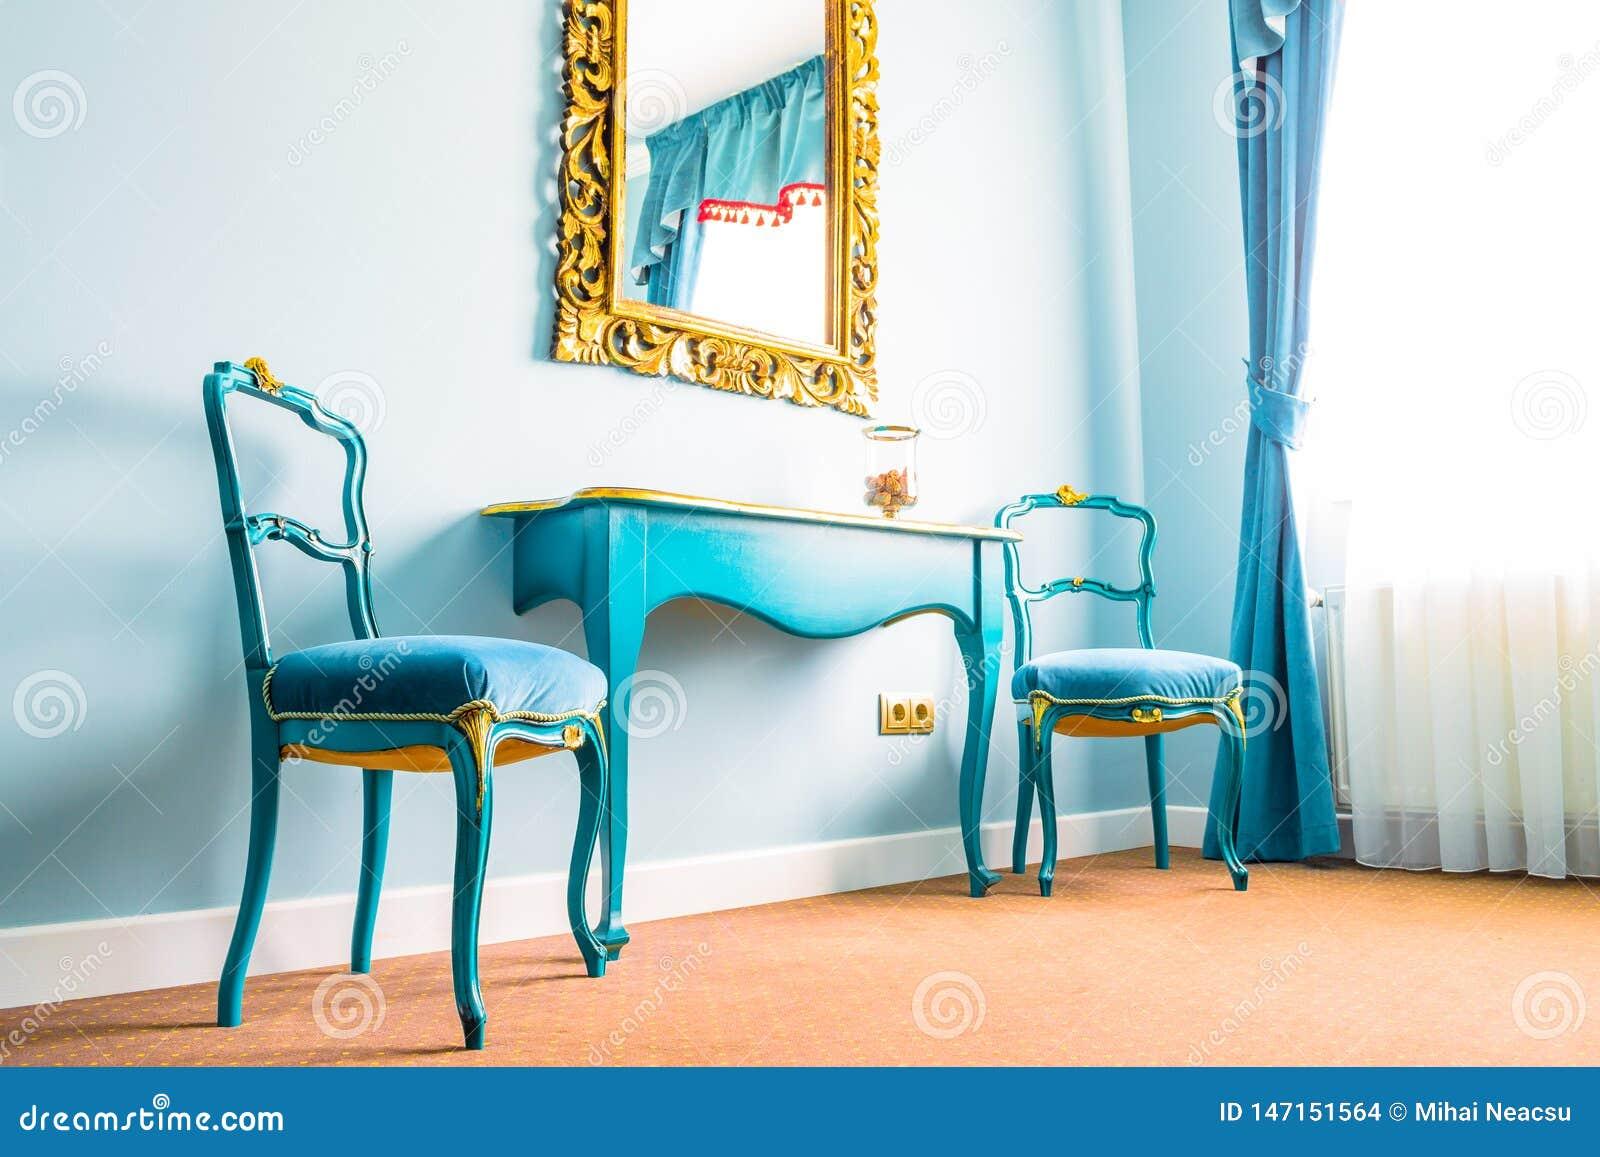 Décorer Son Mur Avec Des Photos deux chaises bleues de cru et une table en bois, à côté d'un